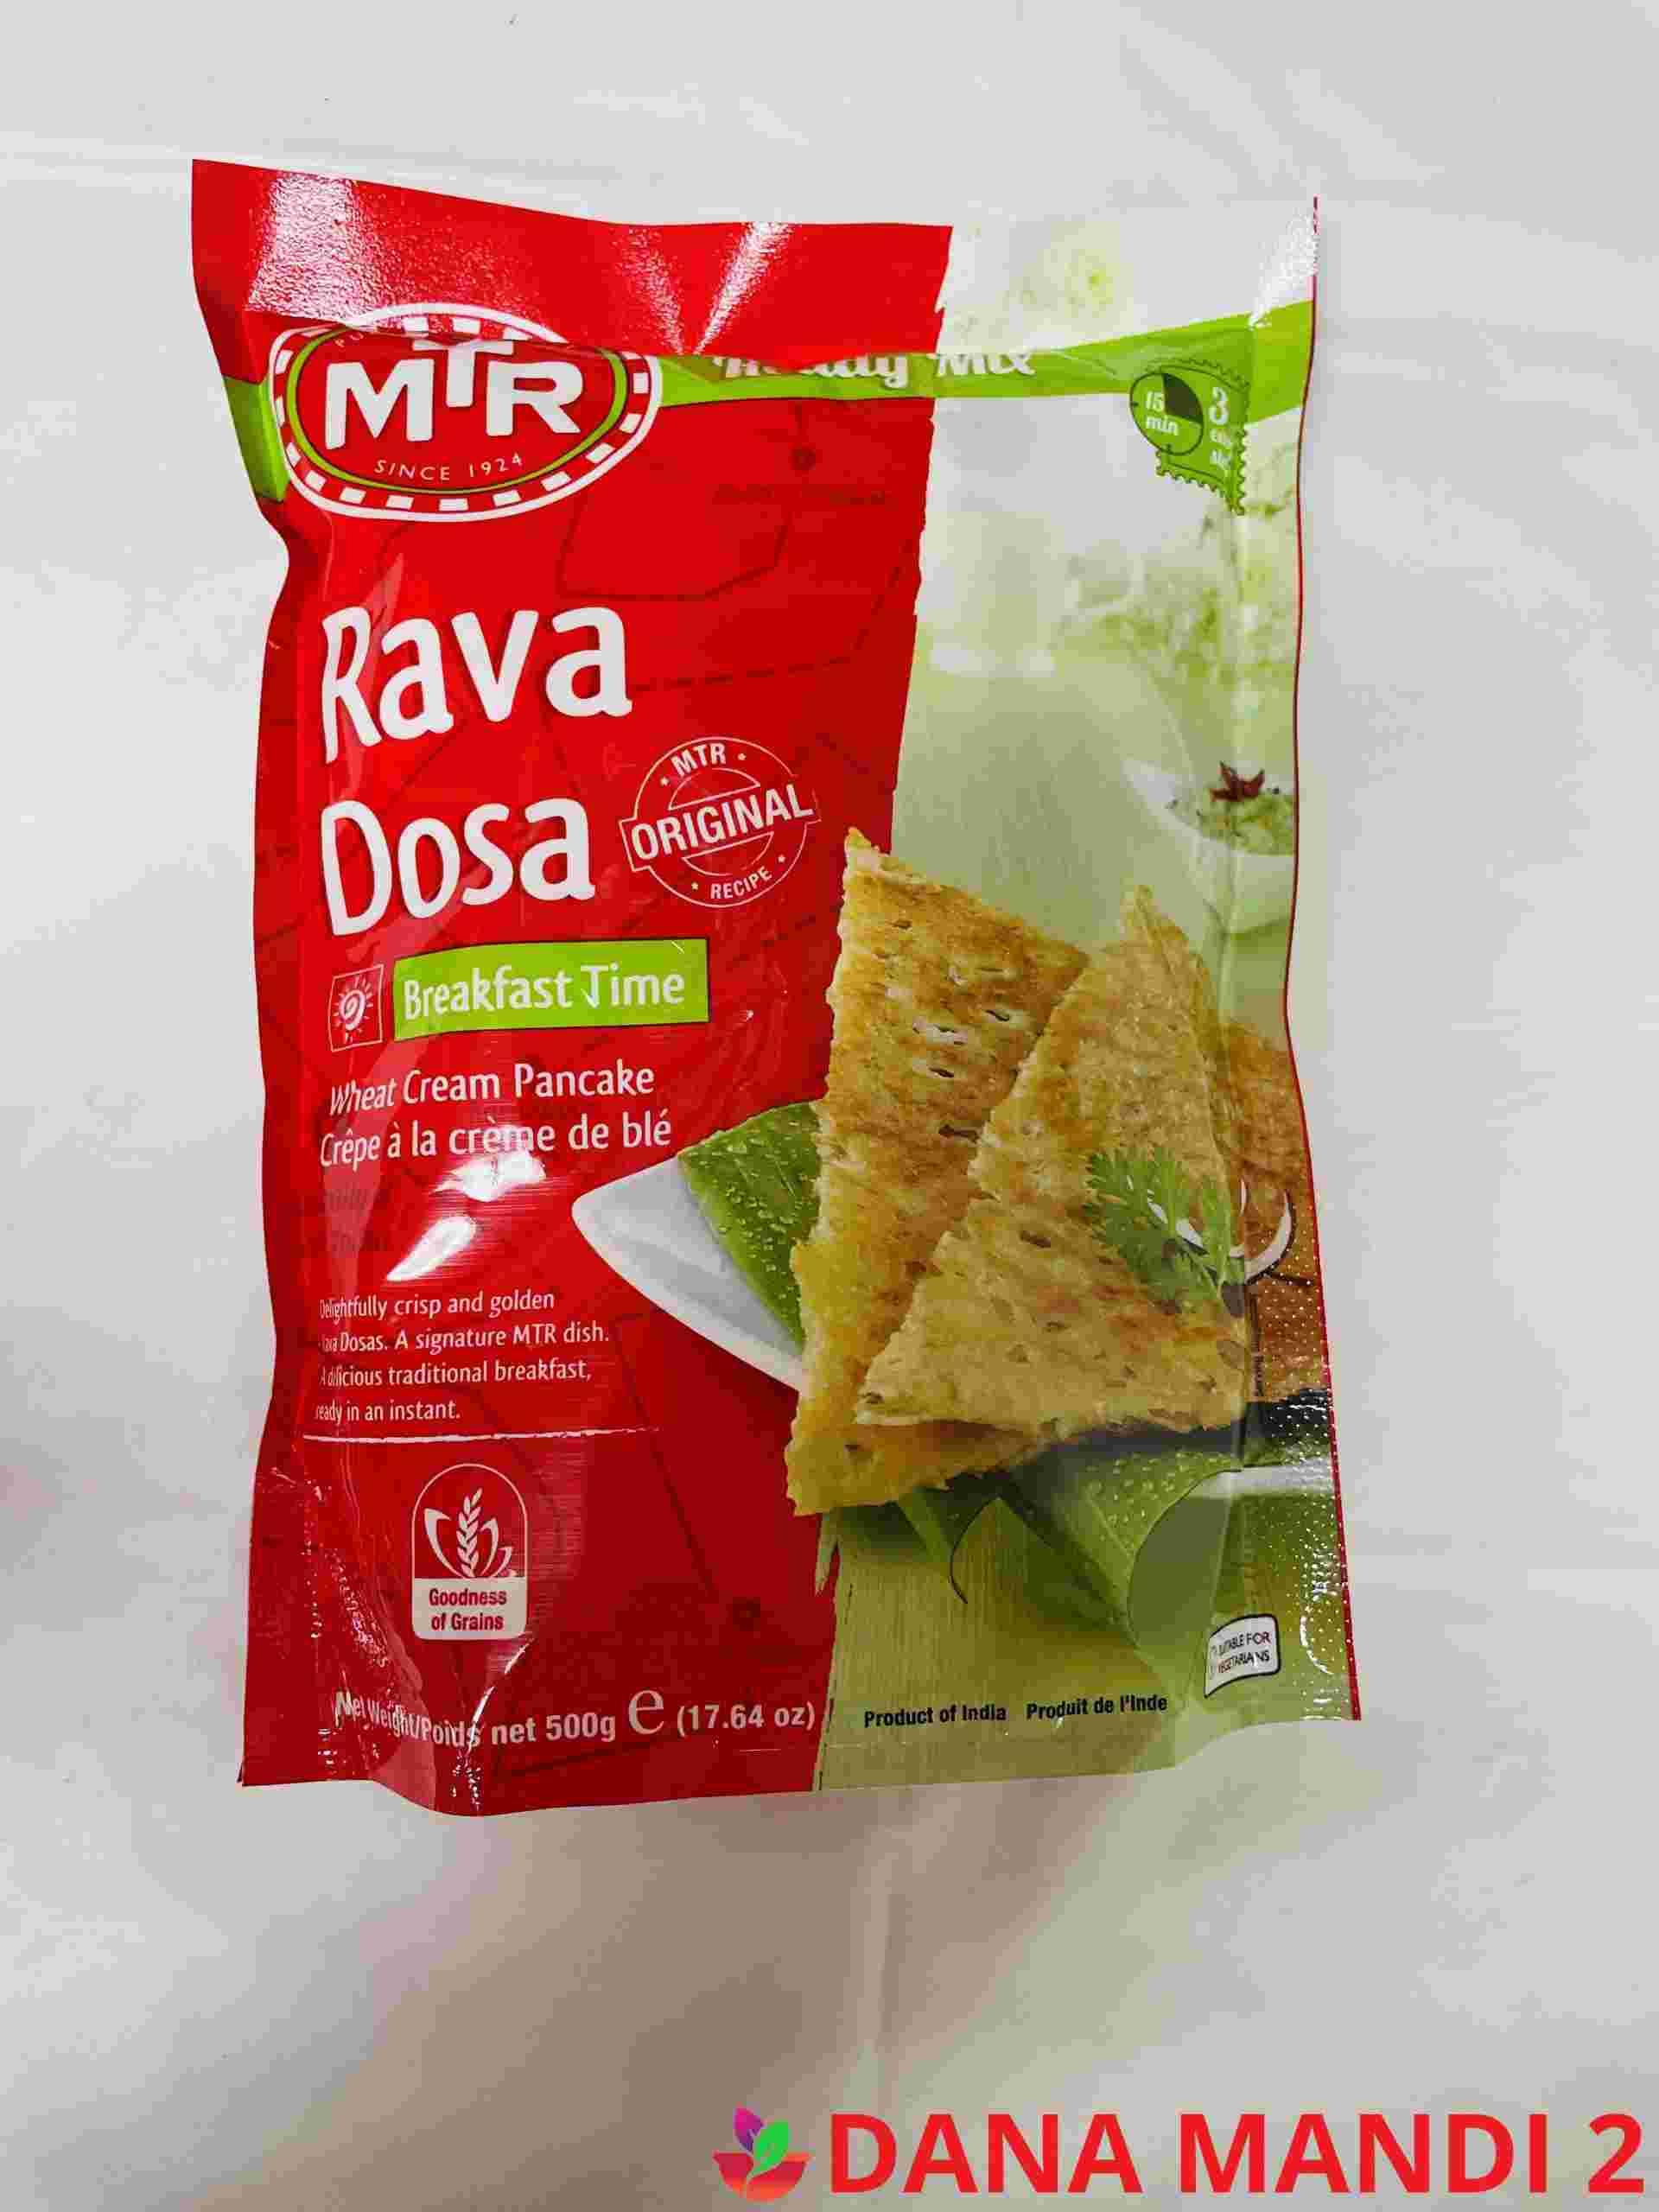 MTR Rava Dosa Breakfast